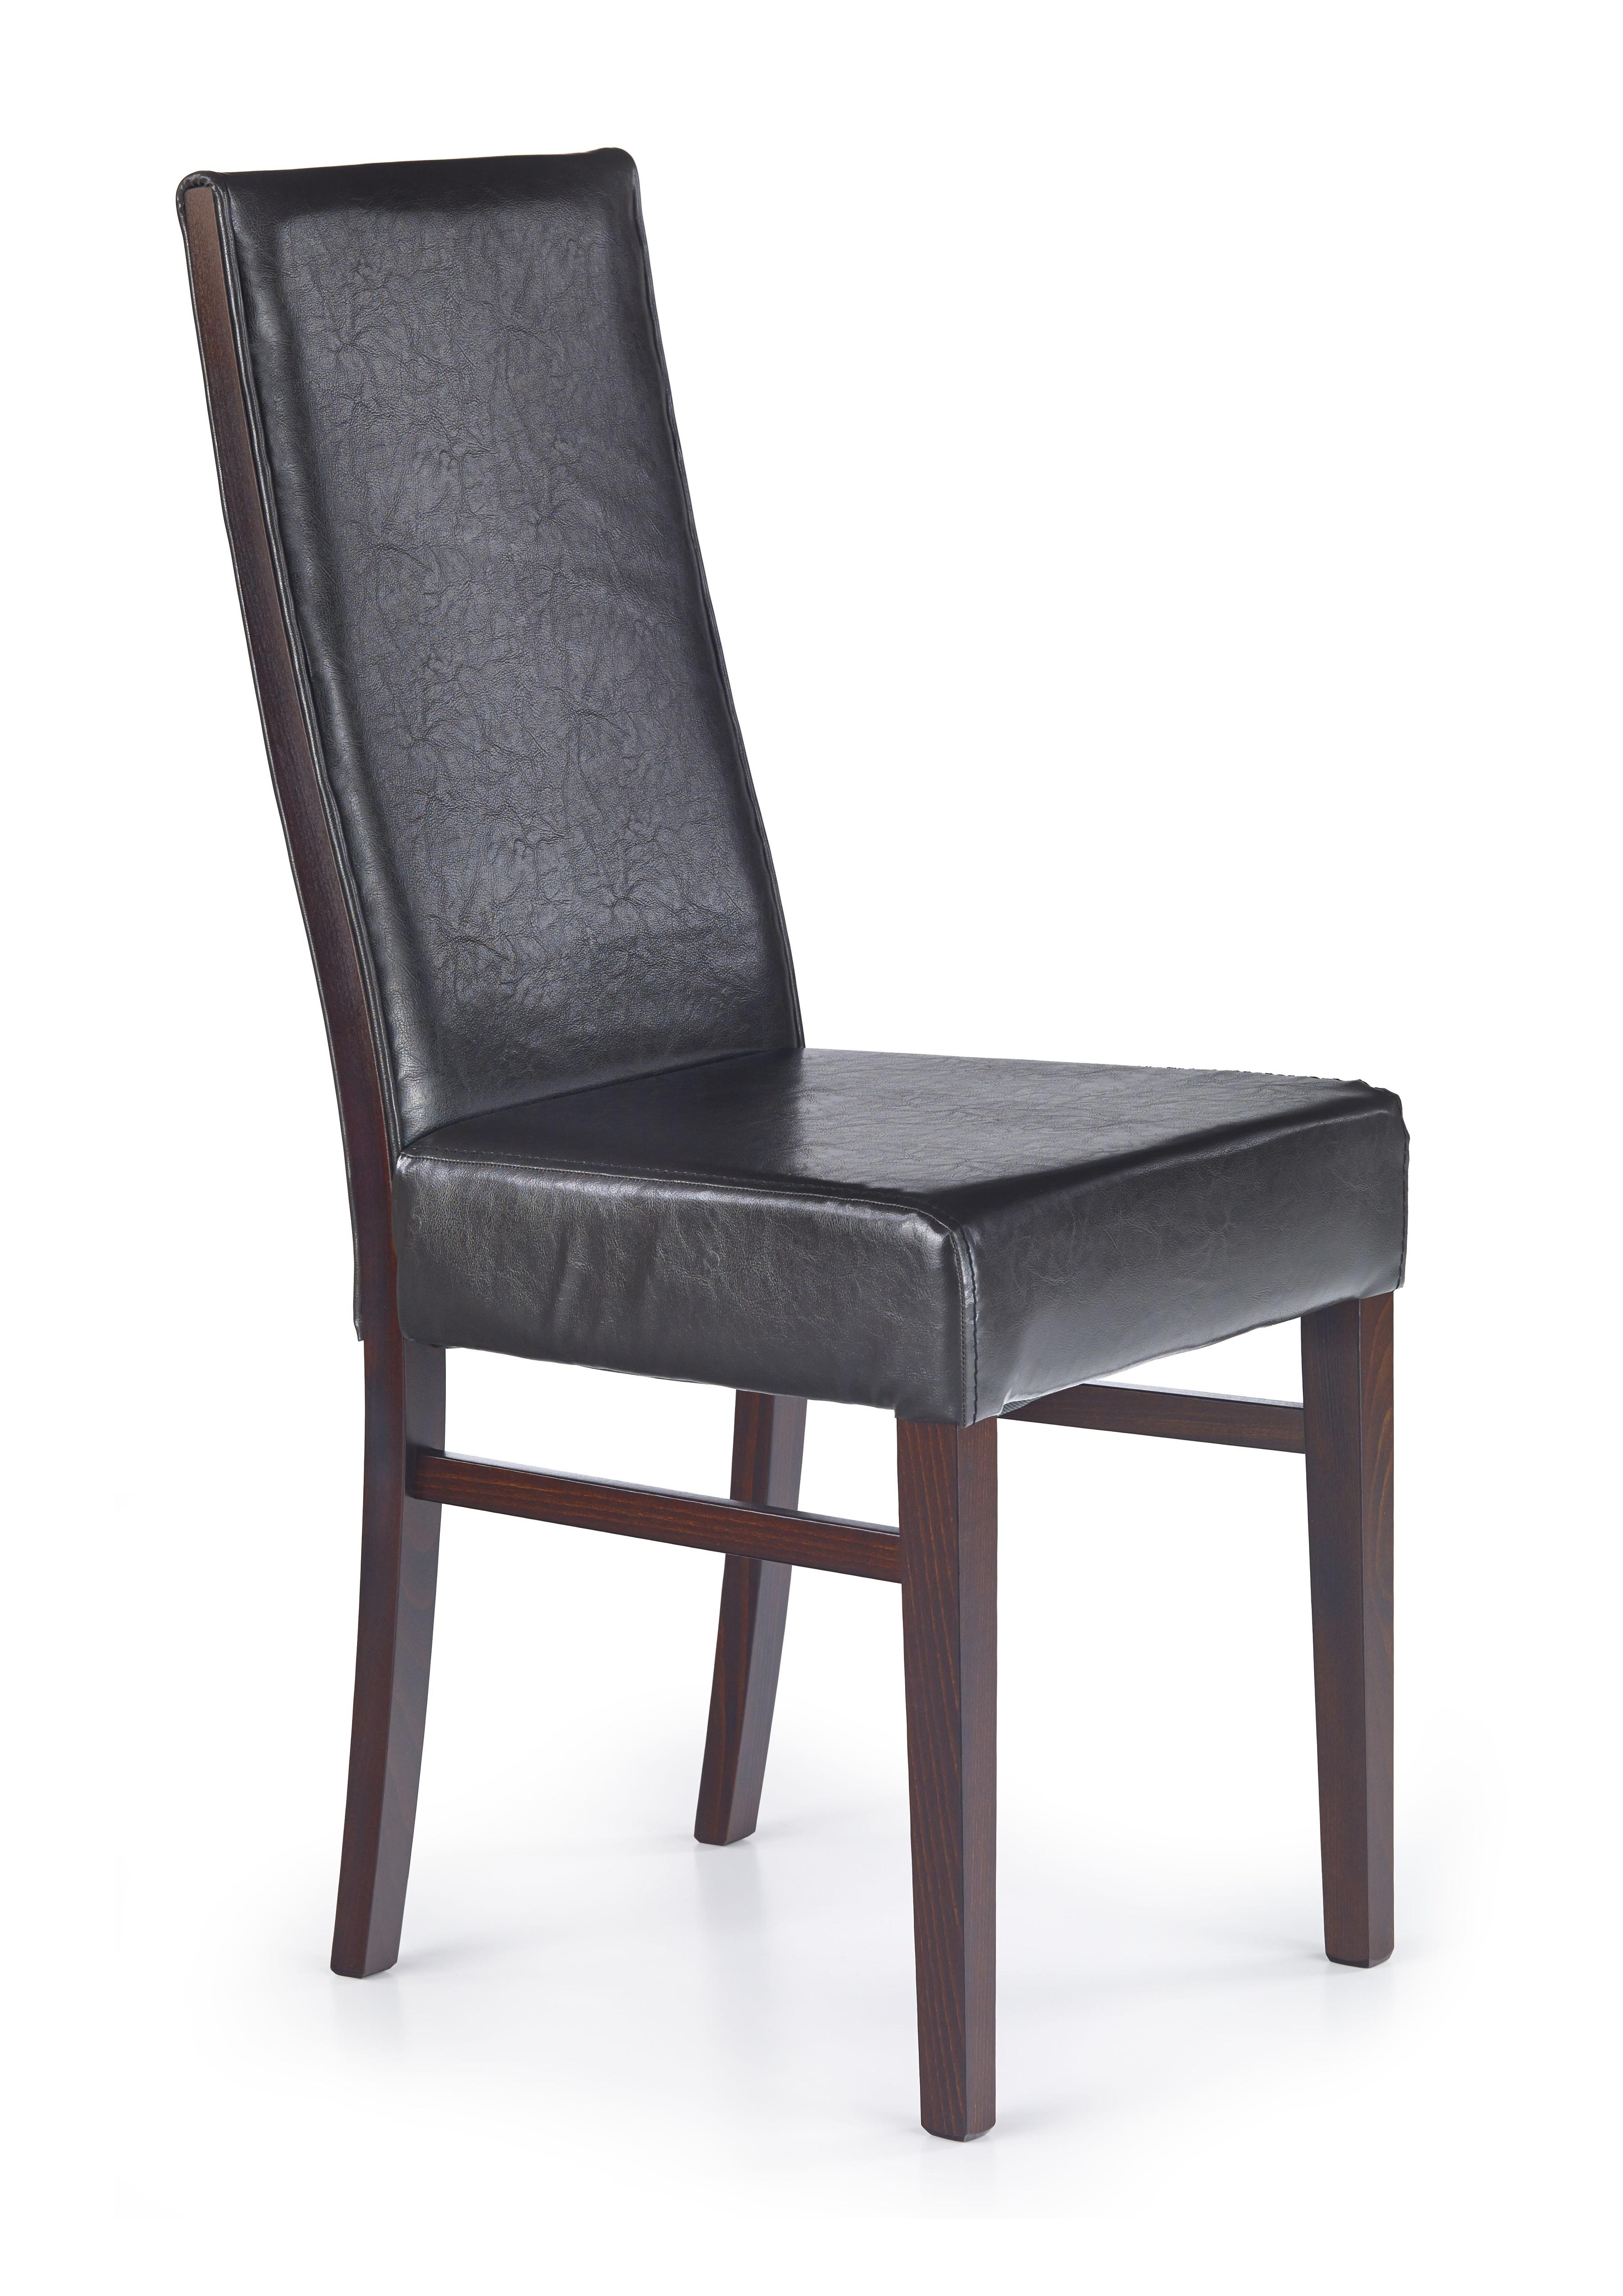 Jedálenská stolička - Halmar - LUDWIK MG14